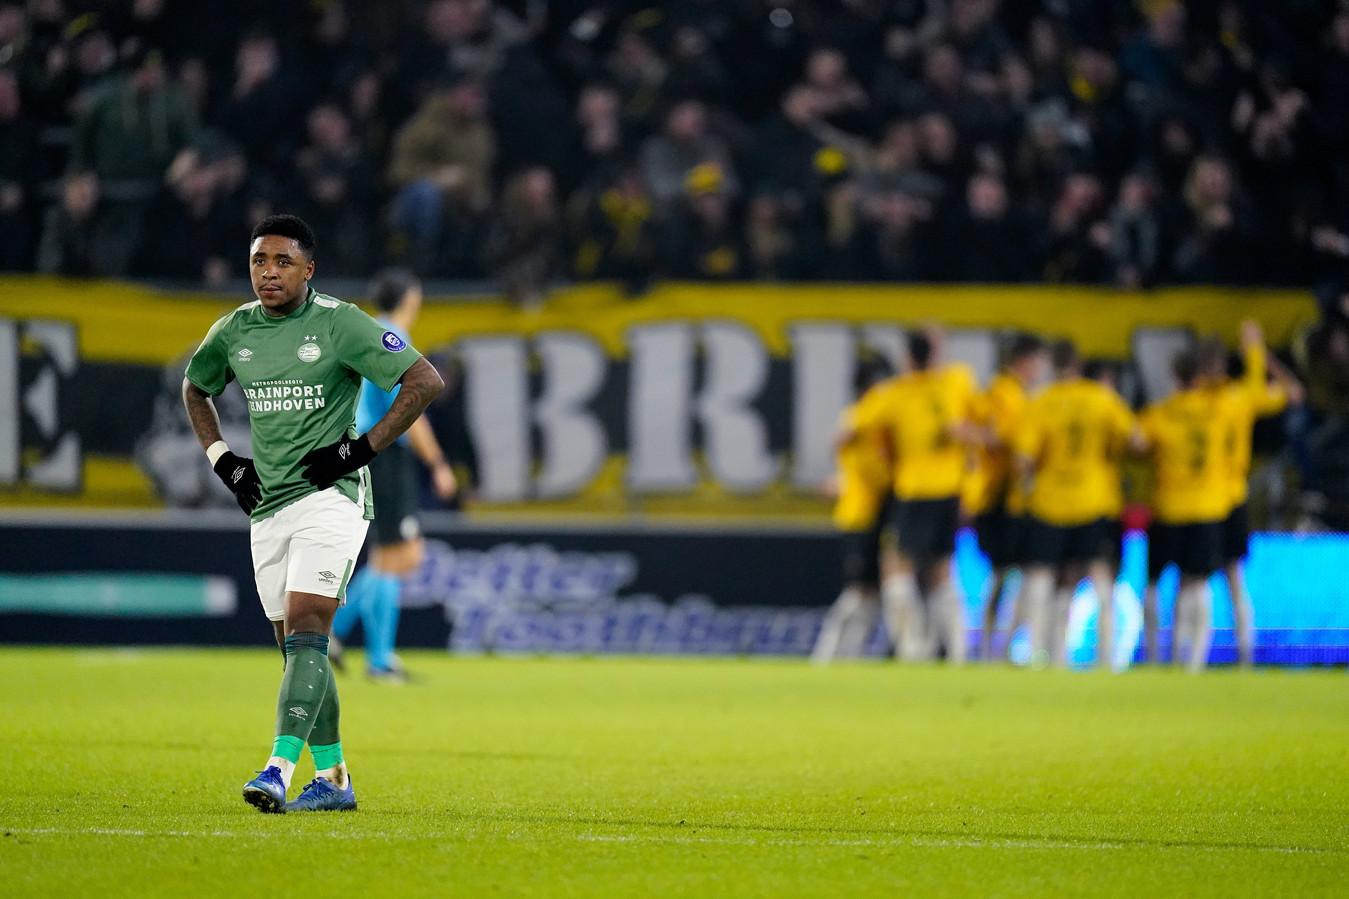 Steven Bergwijn in zijn vermoedelijk laatste wedstrijd voor PSV : NAC-uit voor de beker. PSV verloor in Breda met 2-0.